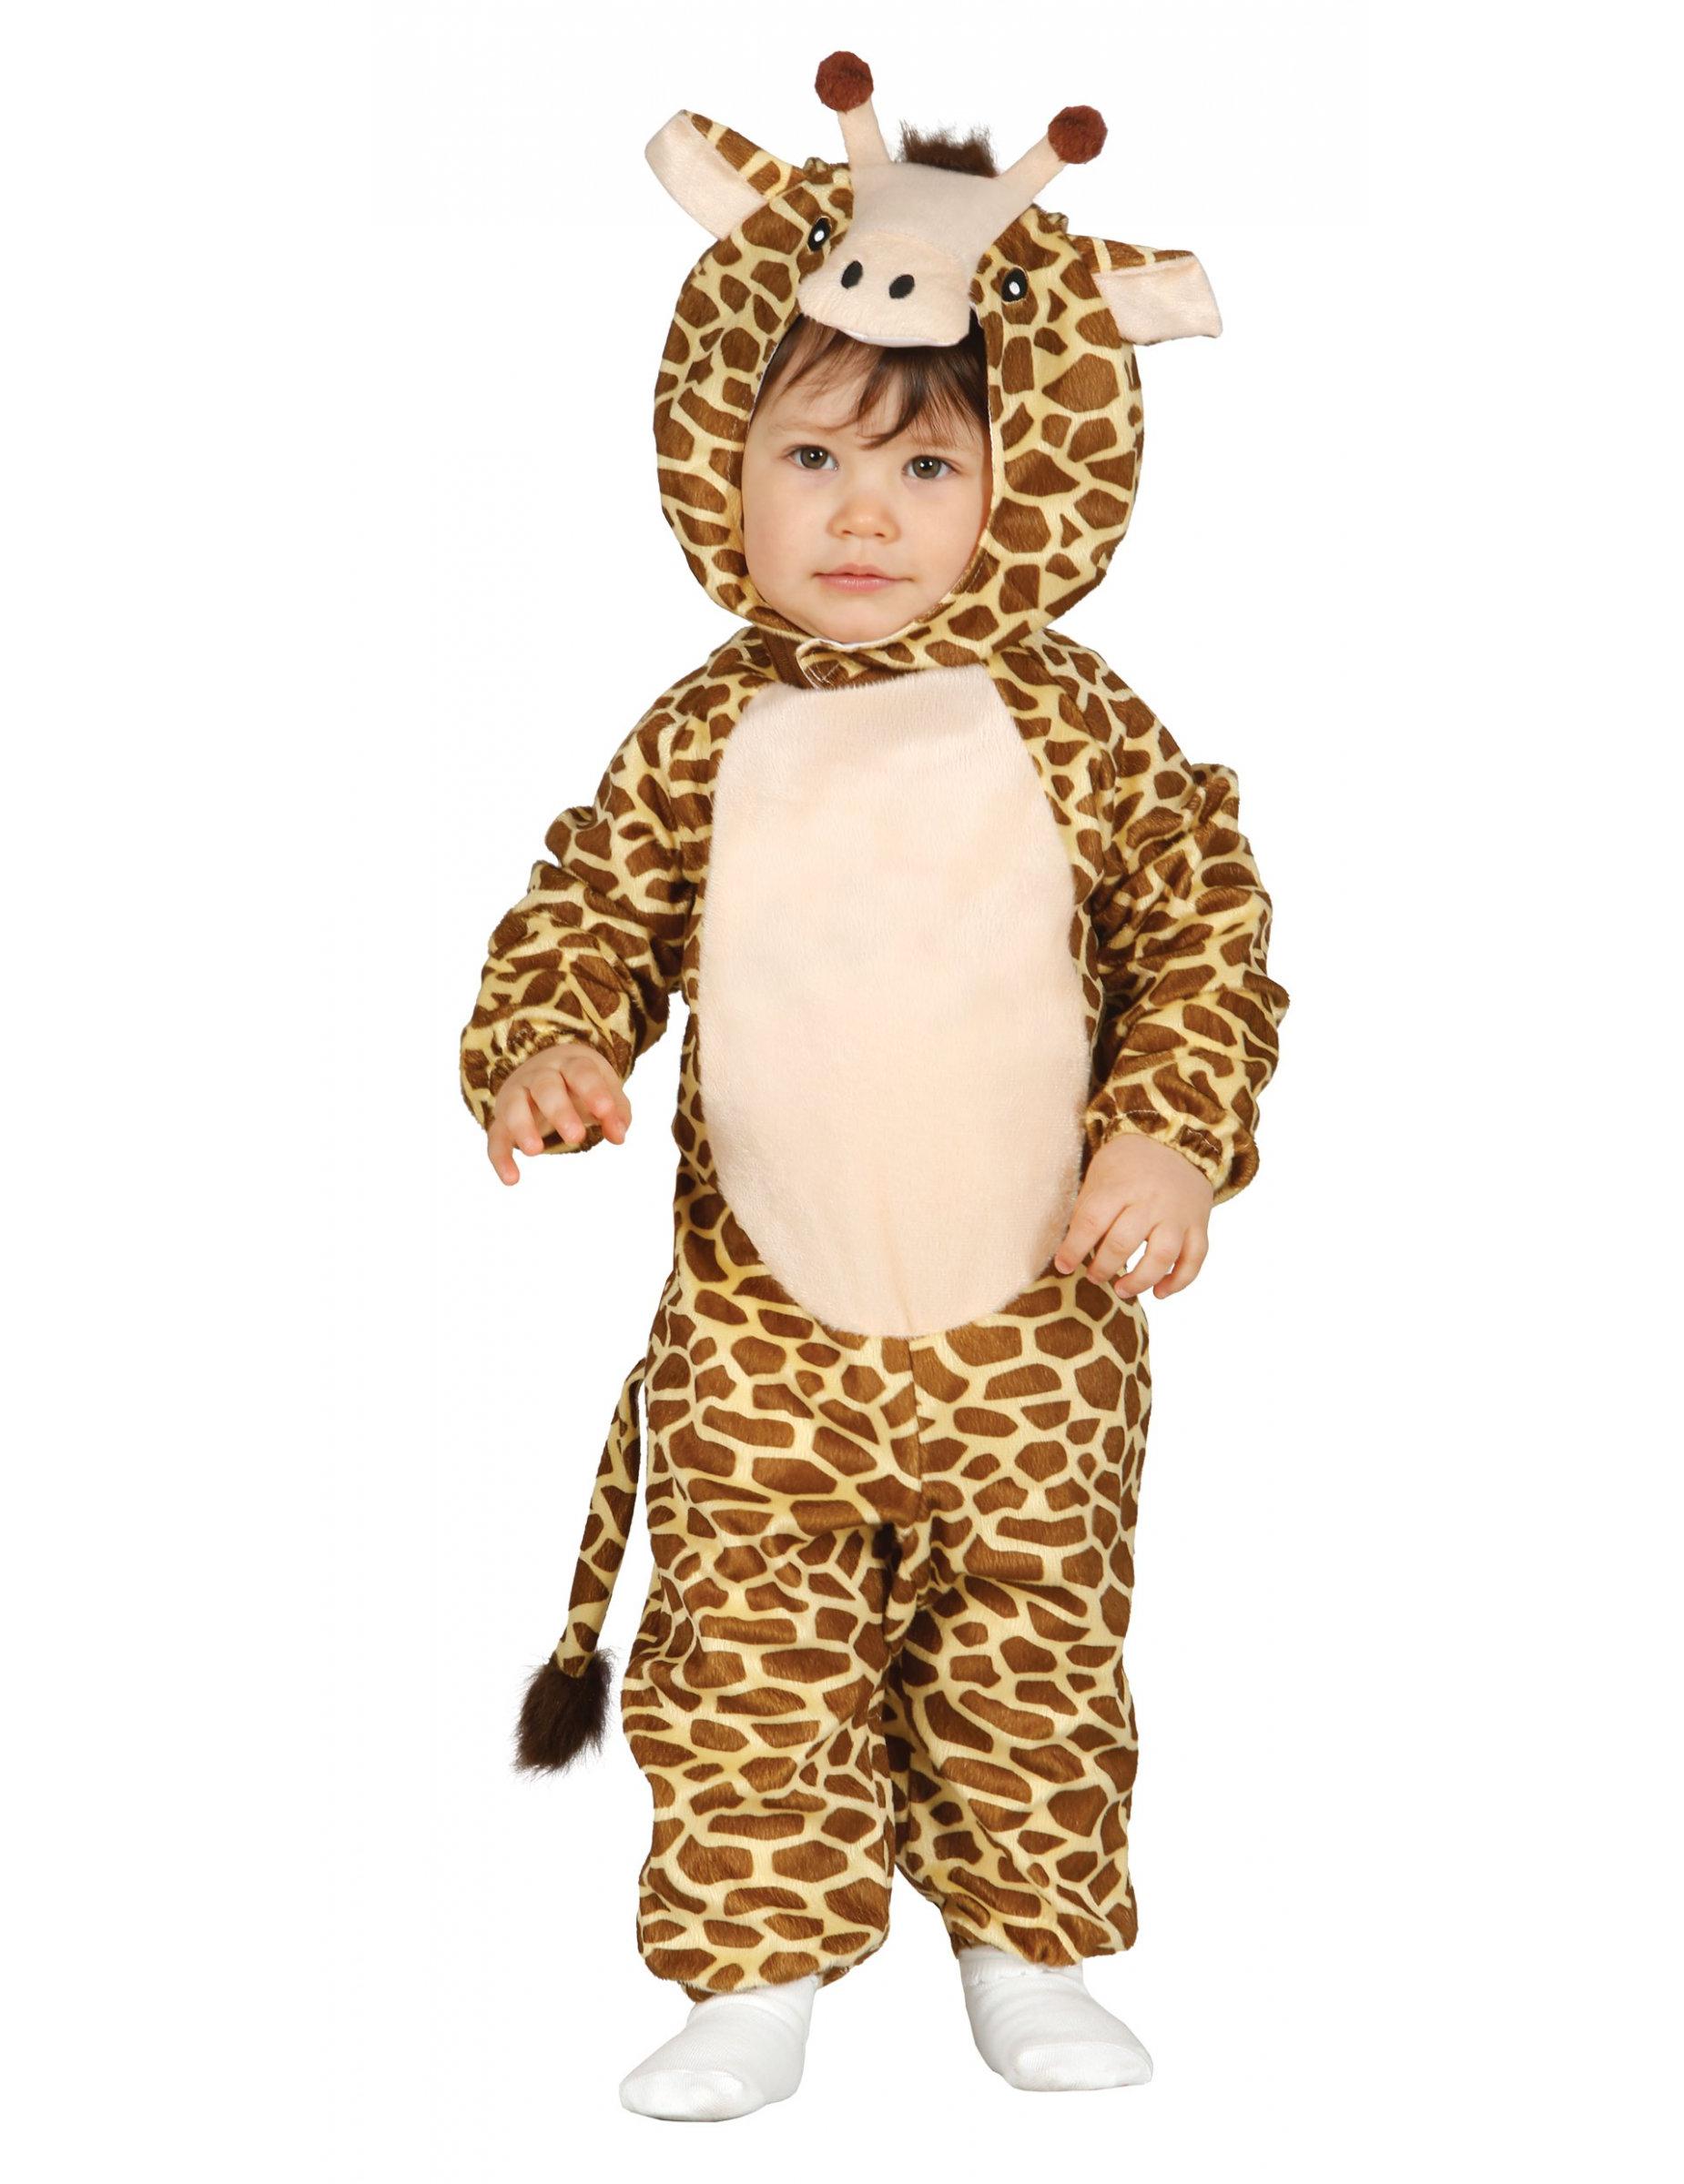 Disfarce girafa para bébé  Disfarces Crianças ba10cab1746